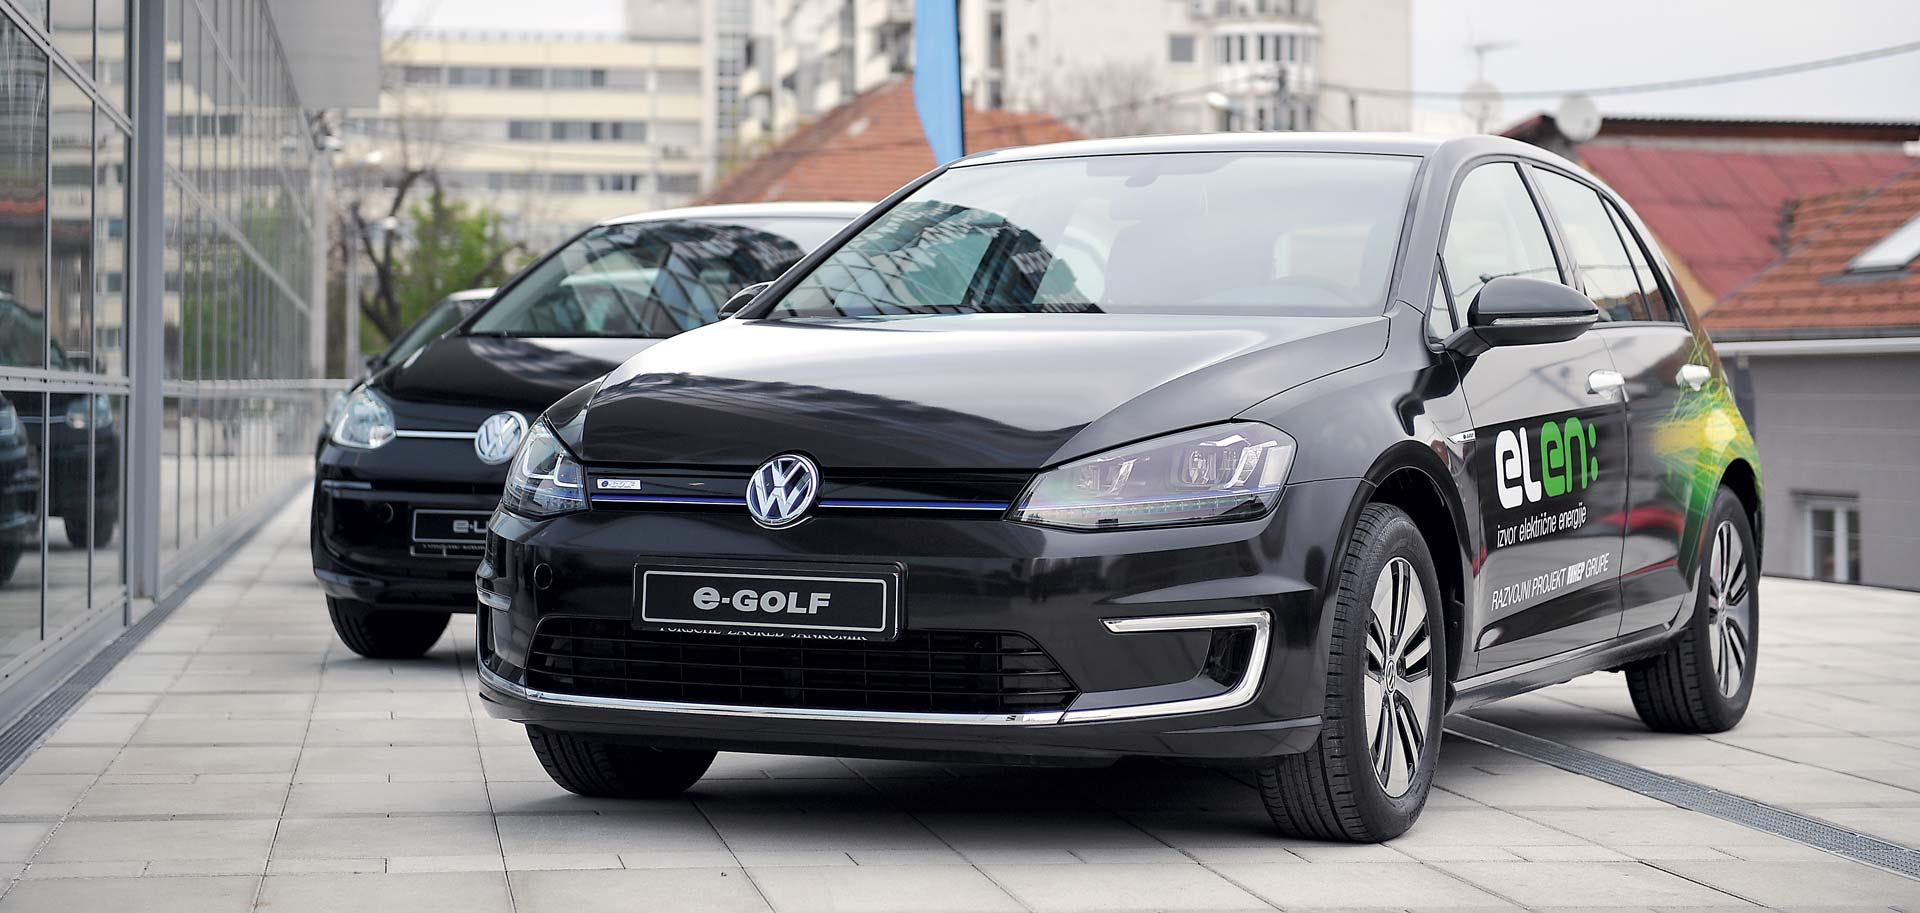 NACIONAL DONOSI: NOVA BLAMAŽA VLADE: Sumnjiv natječaj: VW isporučio HEP-u krive automobile